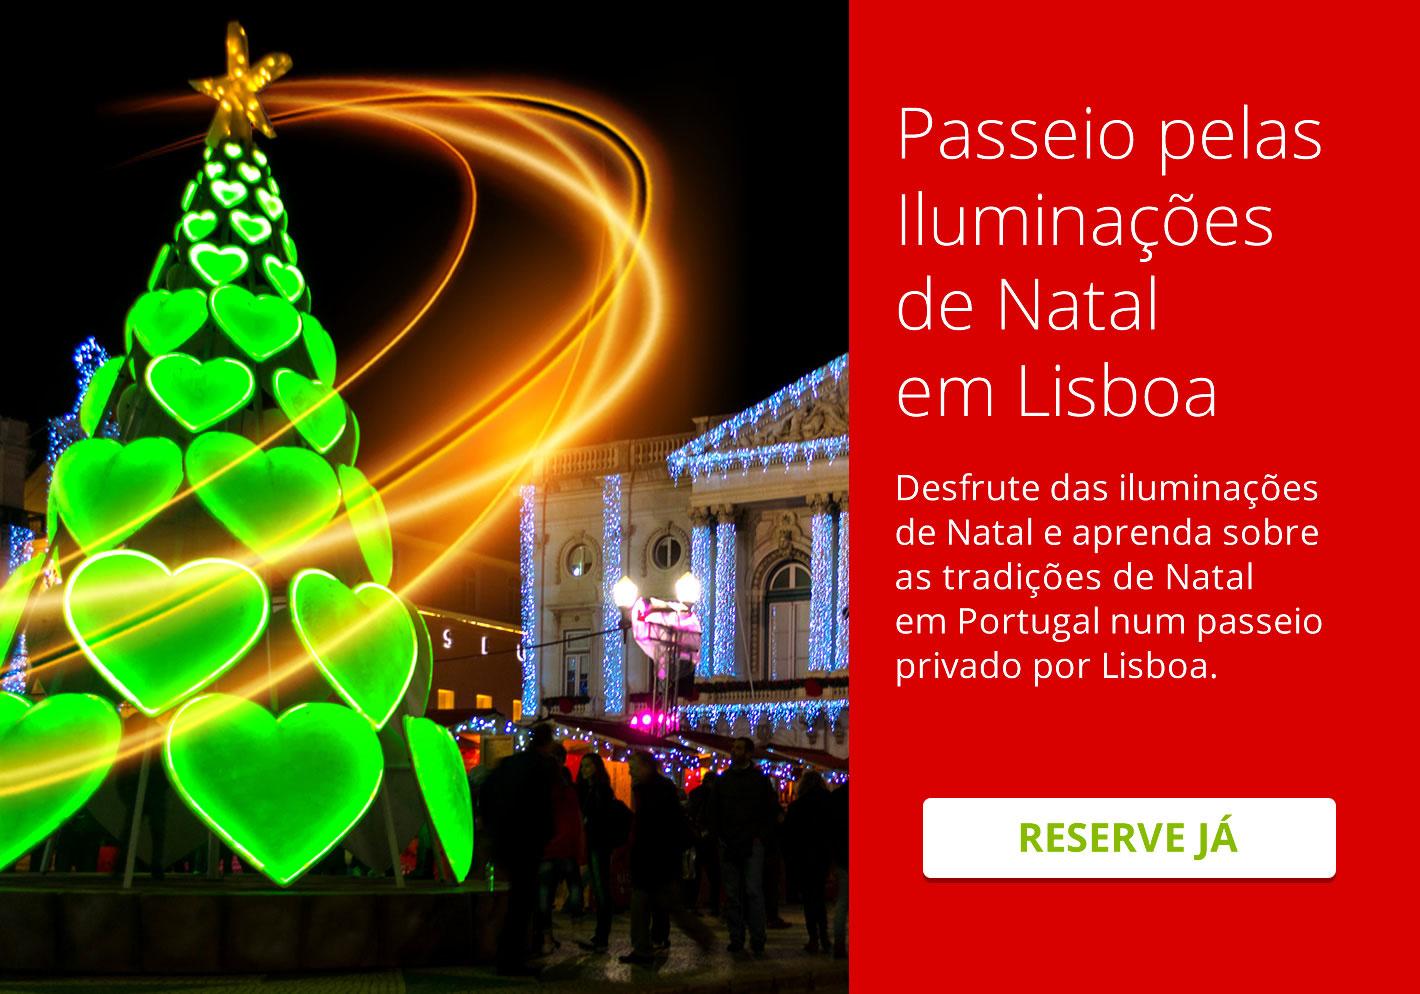 Passeio pelas Iluminações de Natal em Lisboa